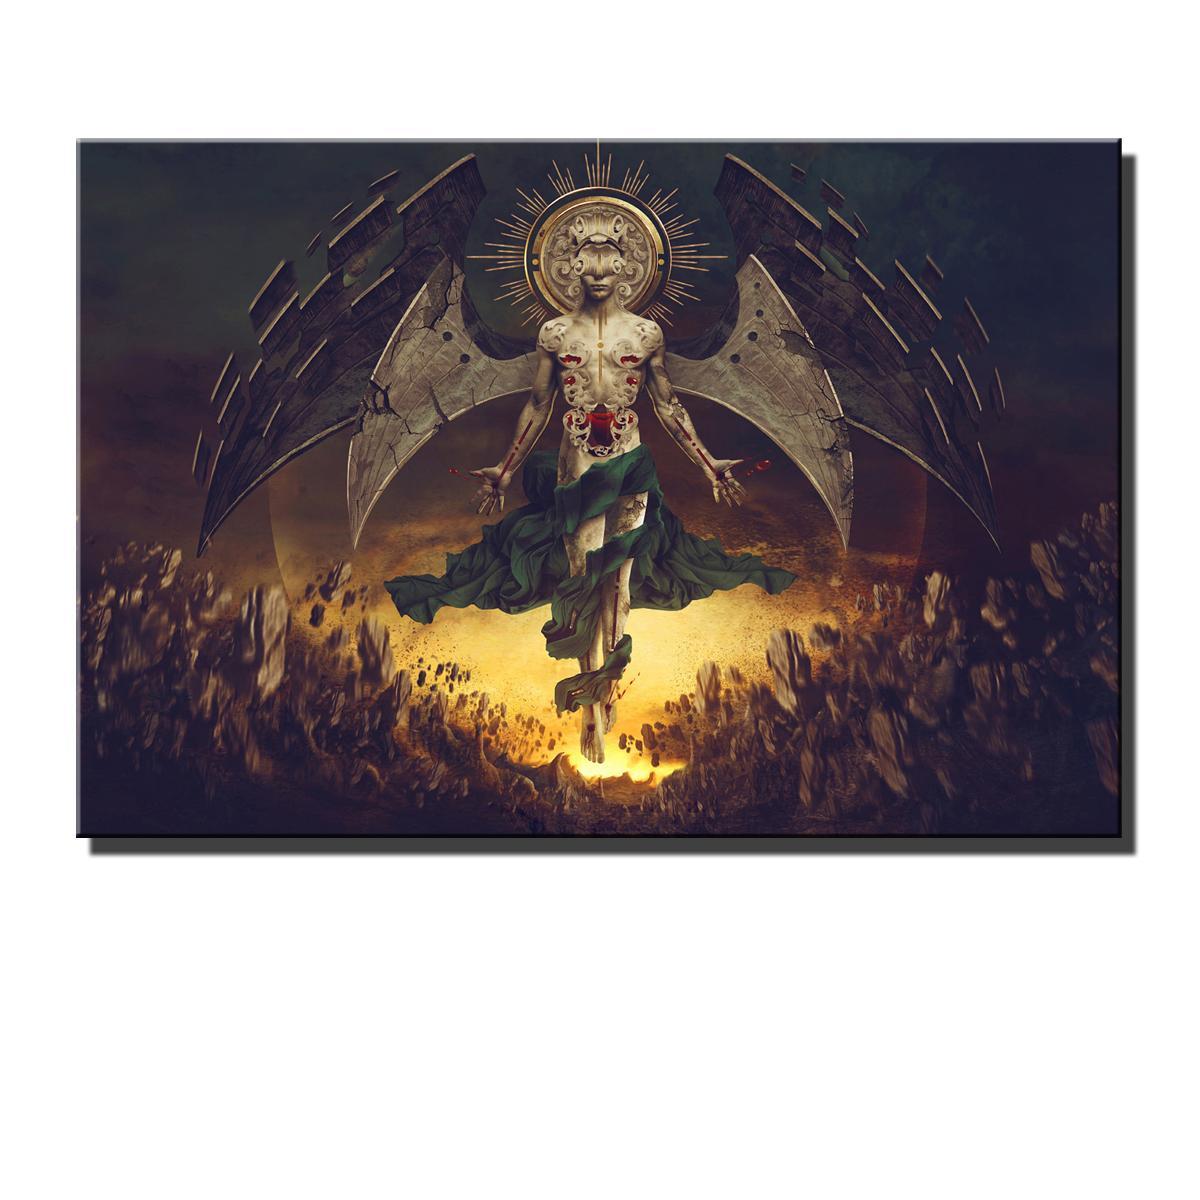 Carlos Kevedo, HD Impresión de lienzos Nueva decoración del hogar Pintura del arte / (sin marco / enmarcado)